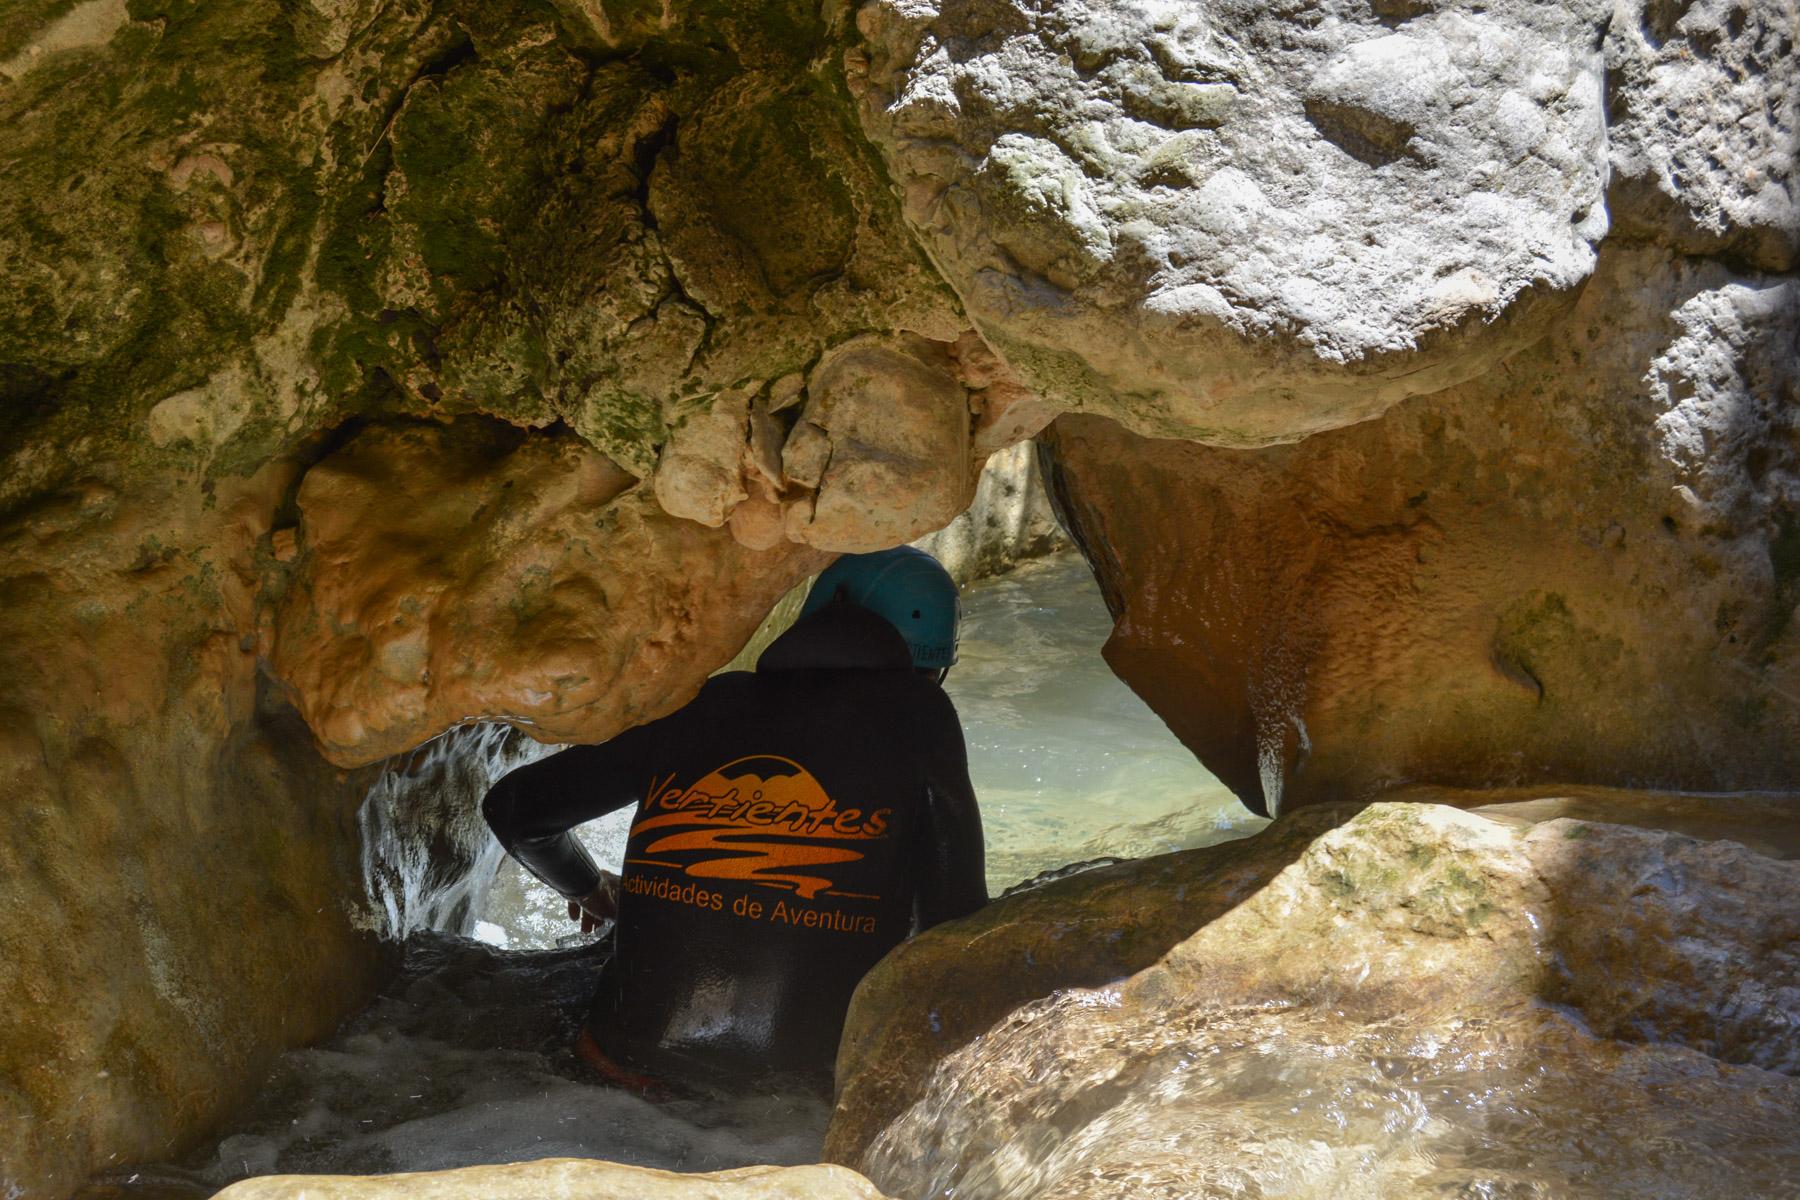 Barranco del Formiga, Sierra de Guara 16